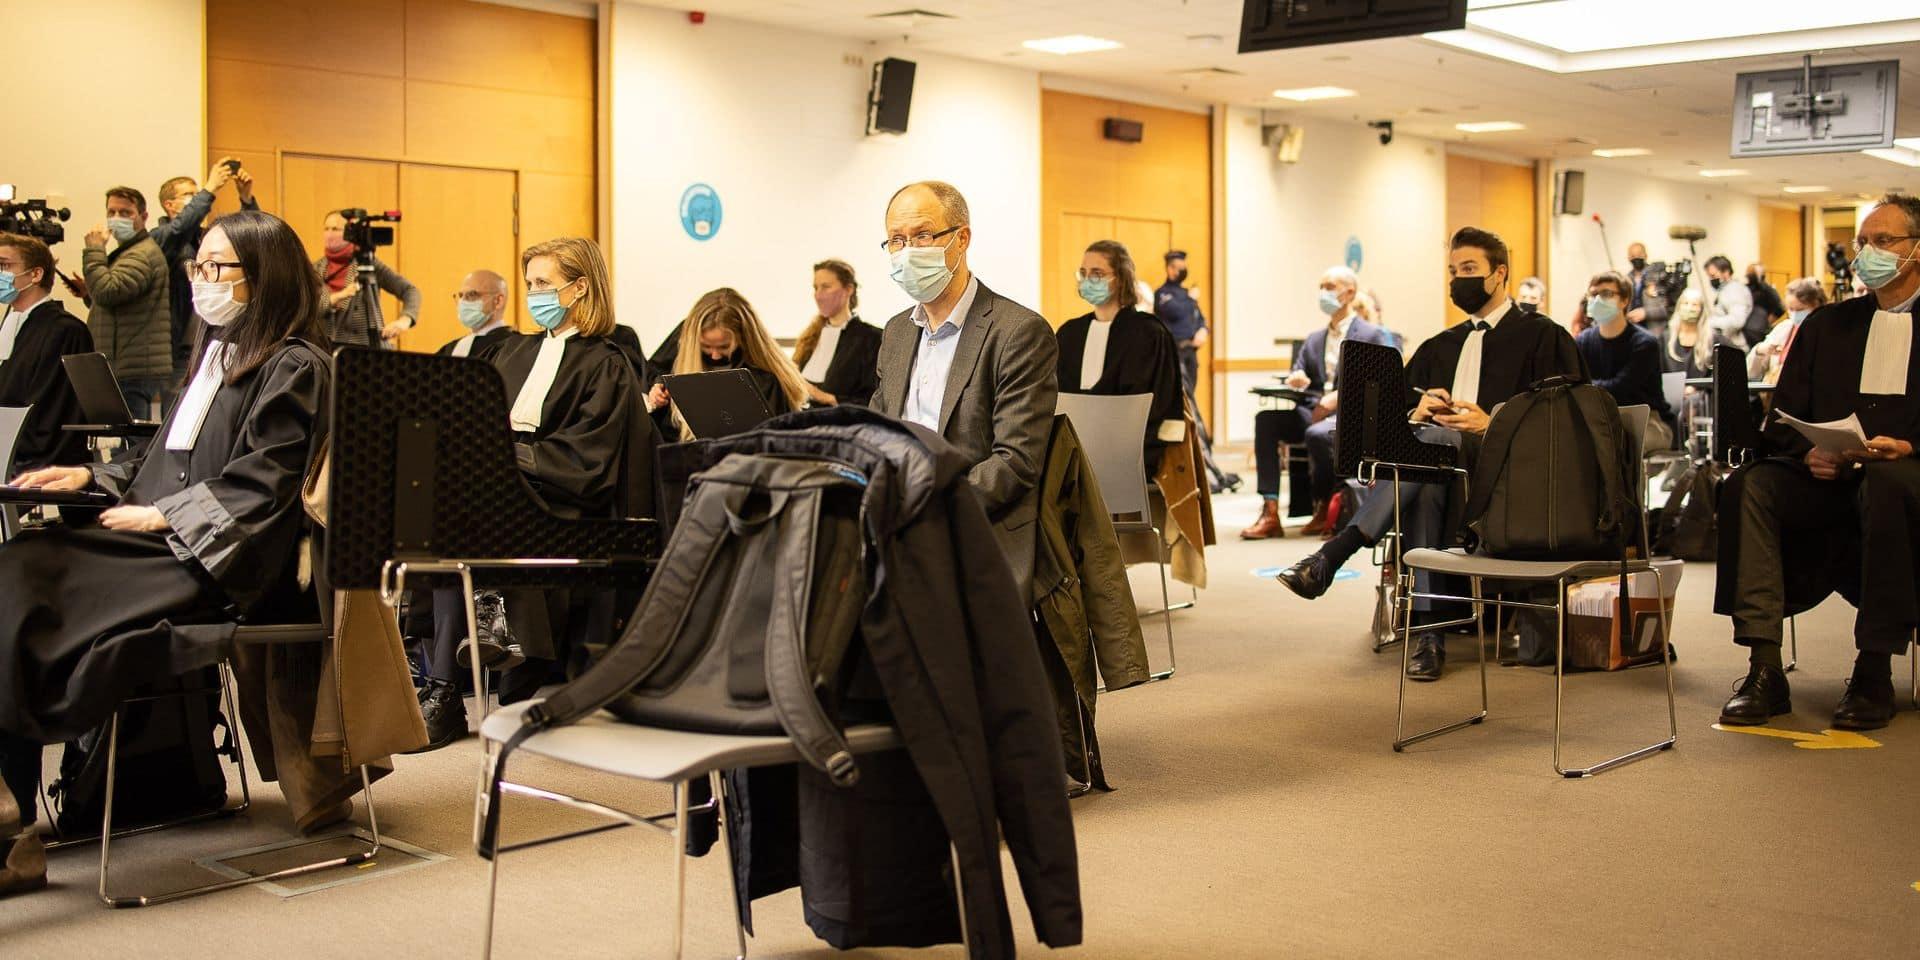 Procès climat contre l'Etat belge : une décision attendue pour début juillet au plus tard